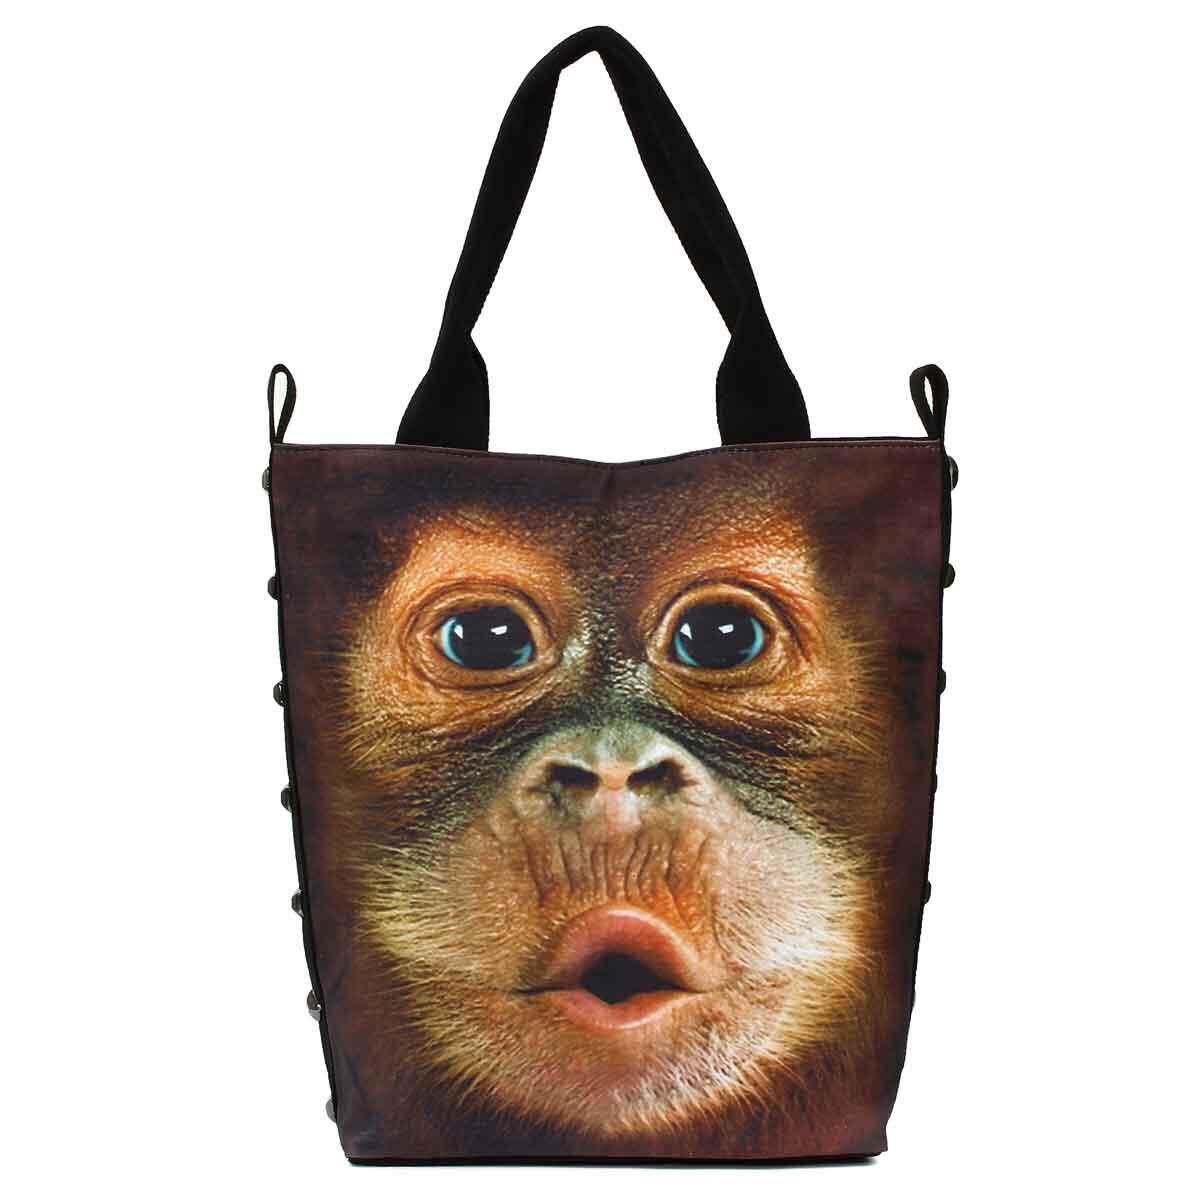 Tas Branded Wanita - Sling Bags - PU Leather - 87156. Source · 2015 new